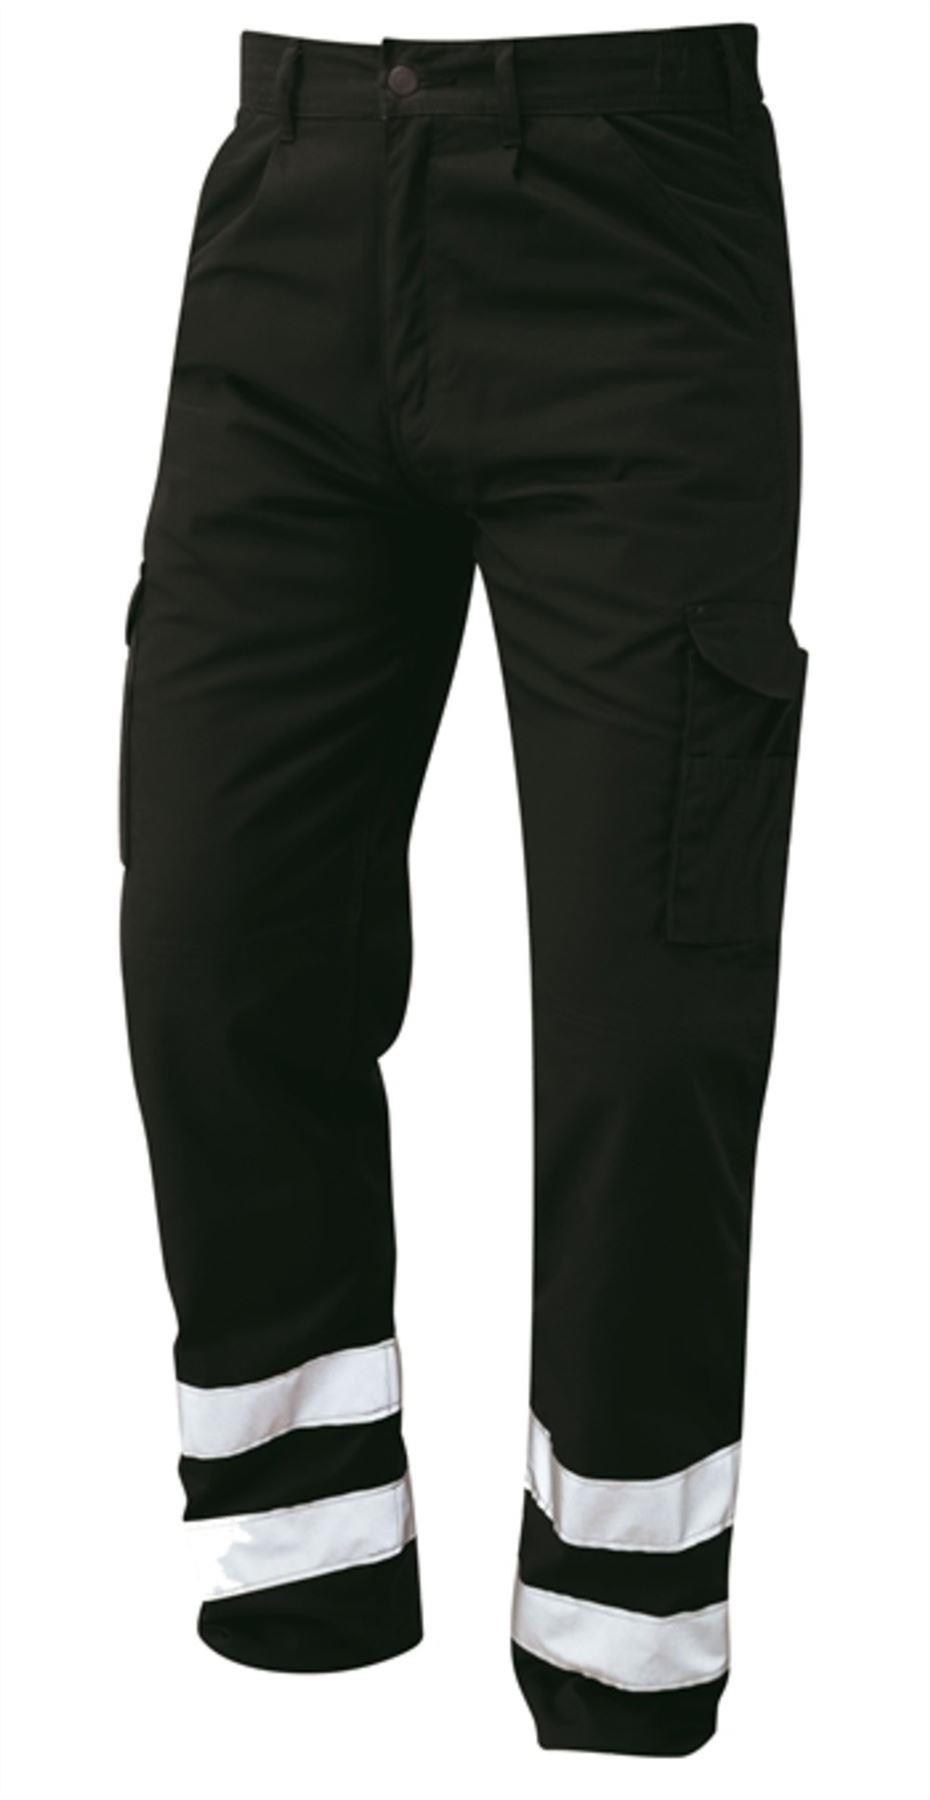 Orn Condor Hi Vis Kneepad Trousers - Black|50W32L